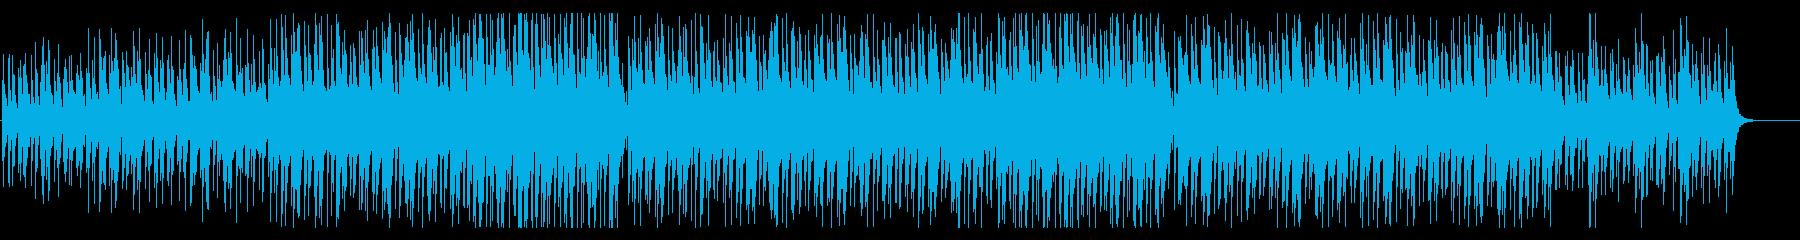 爽やか・ウクレレ・口笛の再生済みの波形